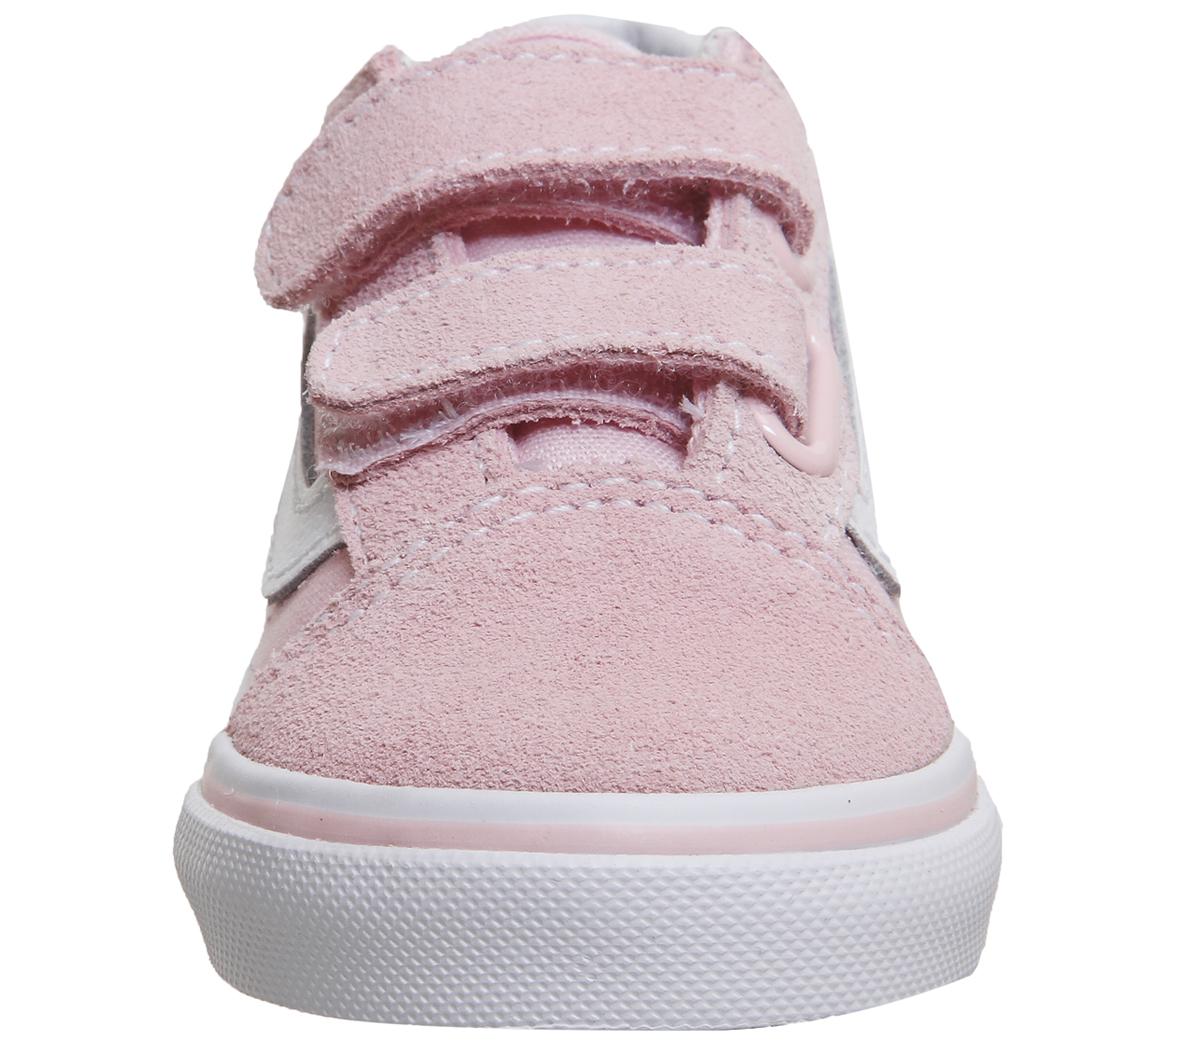 c460c1d113be65 Kids Vans Old Skool Chalk Pink True White Kids